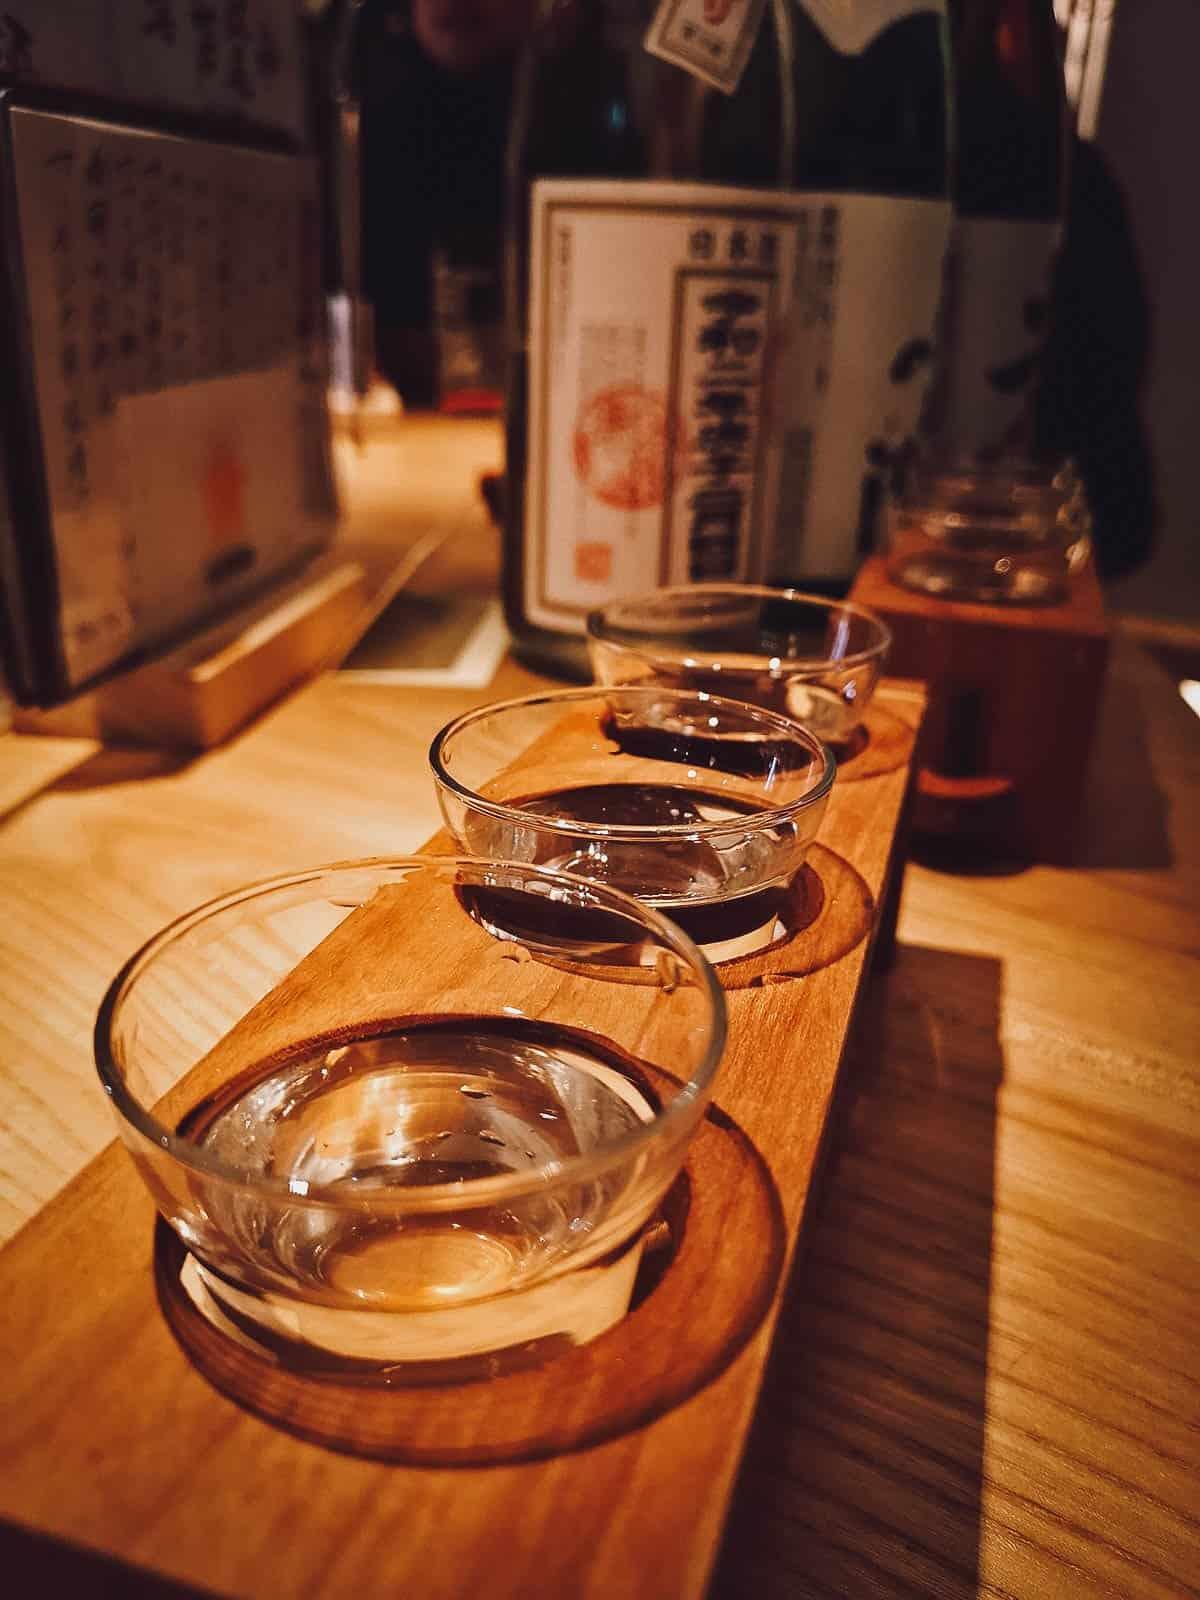 Glasses of sake